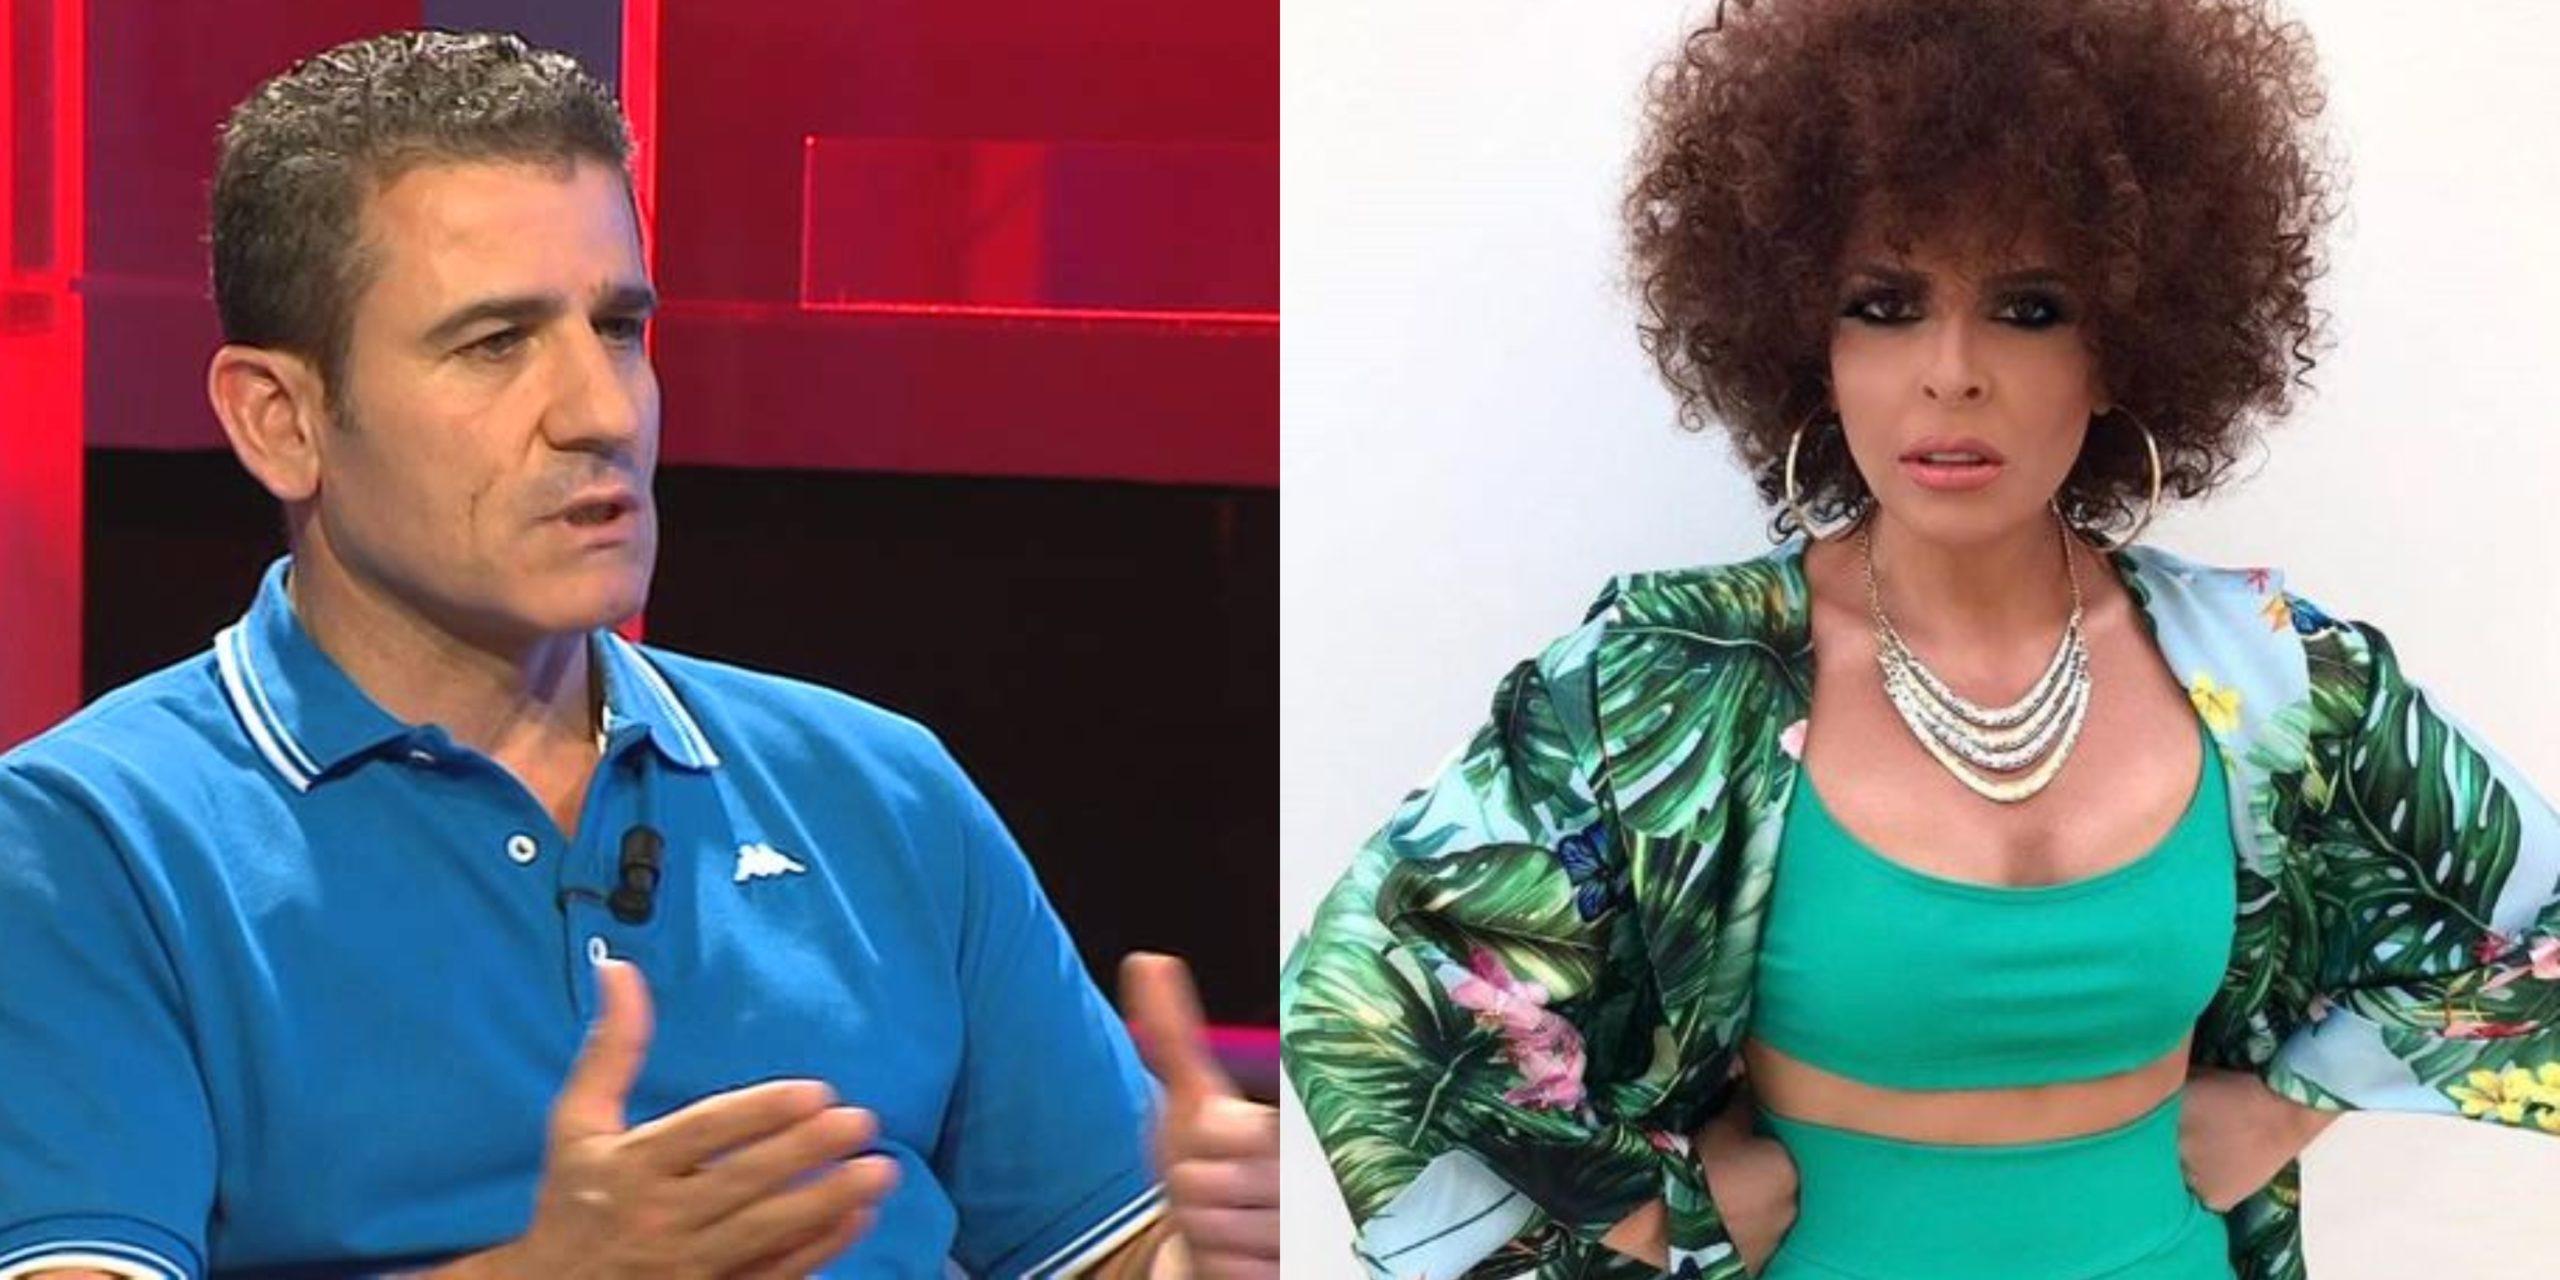 """Gazetari i njohur e kritikon publikisht Aurela Gaçen: Ke rënë në """"kovaçanen"""" e fjalë mballosjes"""